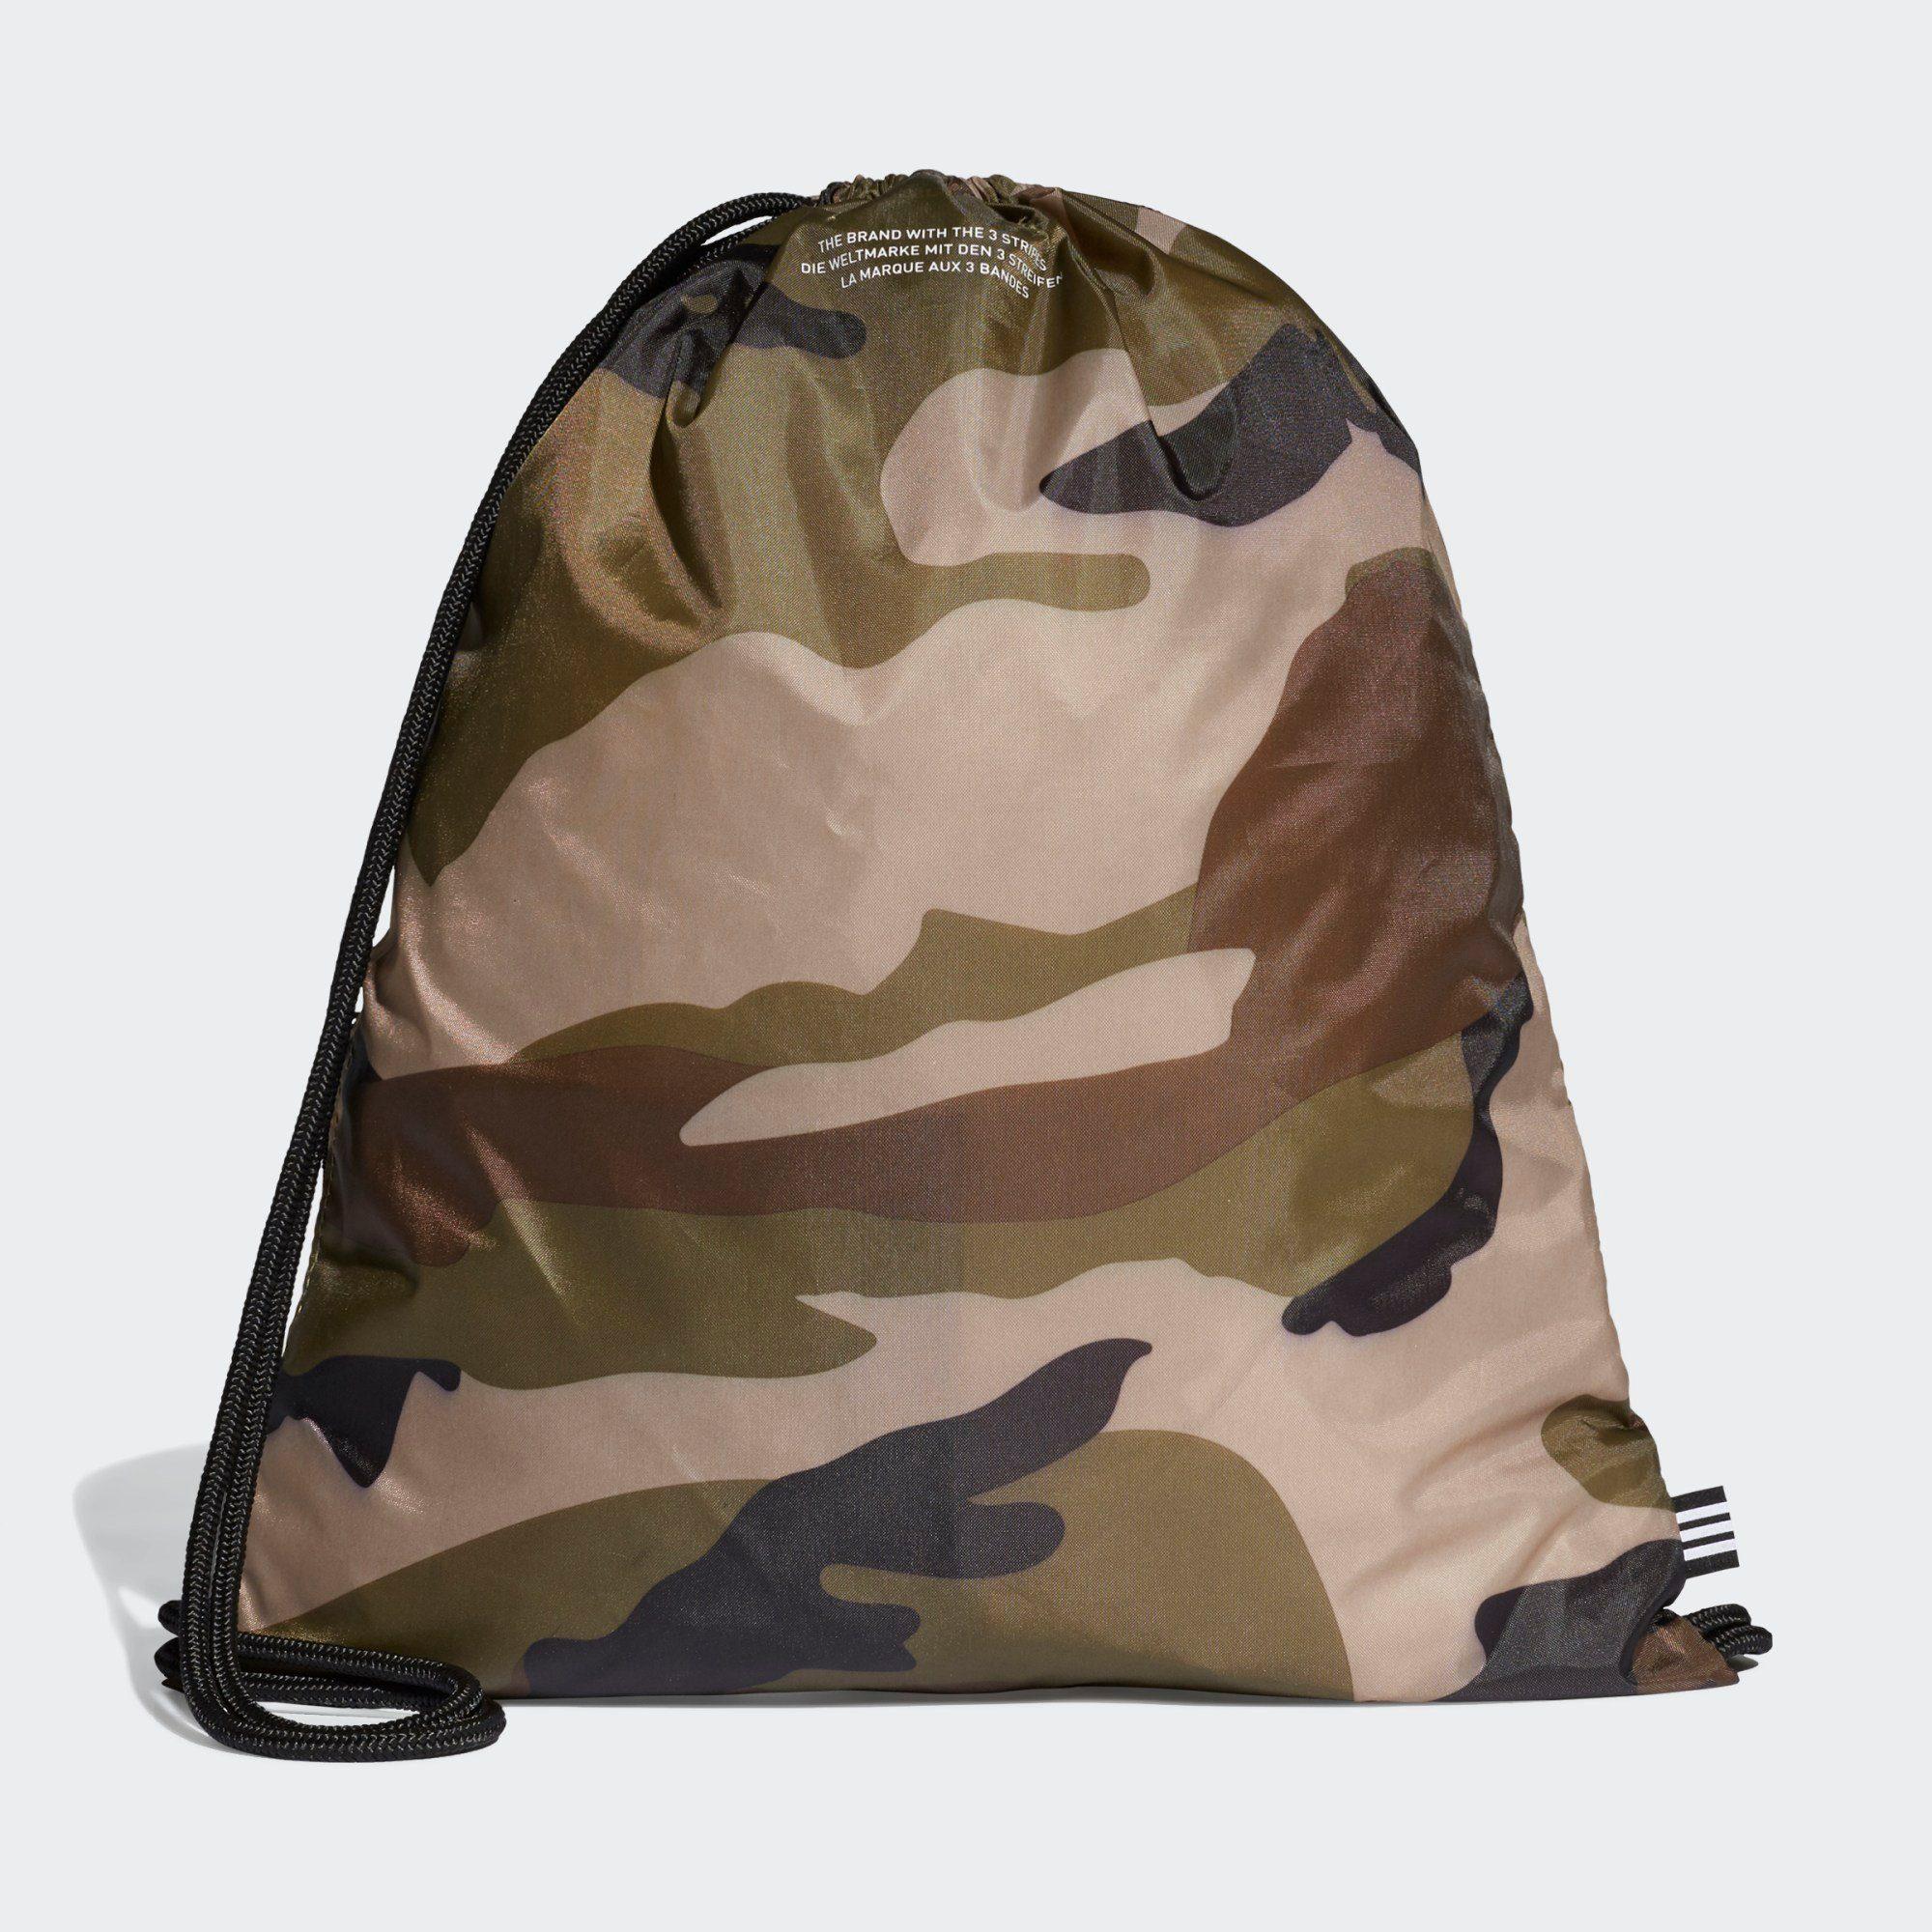 adidas Originals Turnbeutel ?Camouflage Sportbeutel?, Graphics online kaufen | OTTO